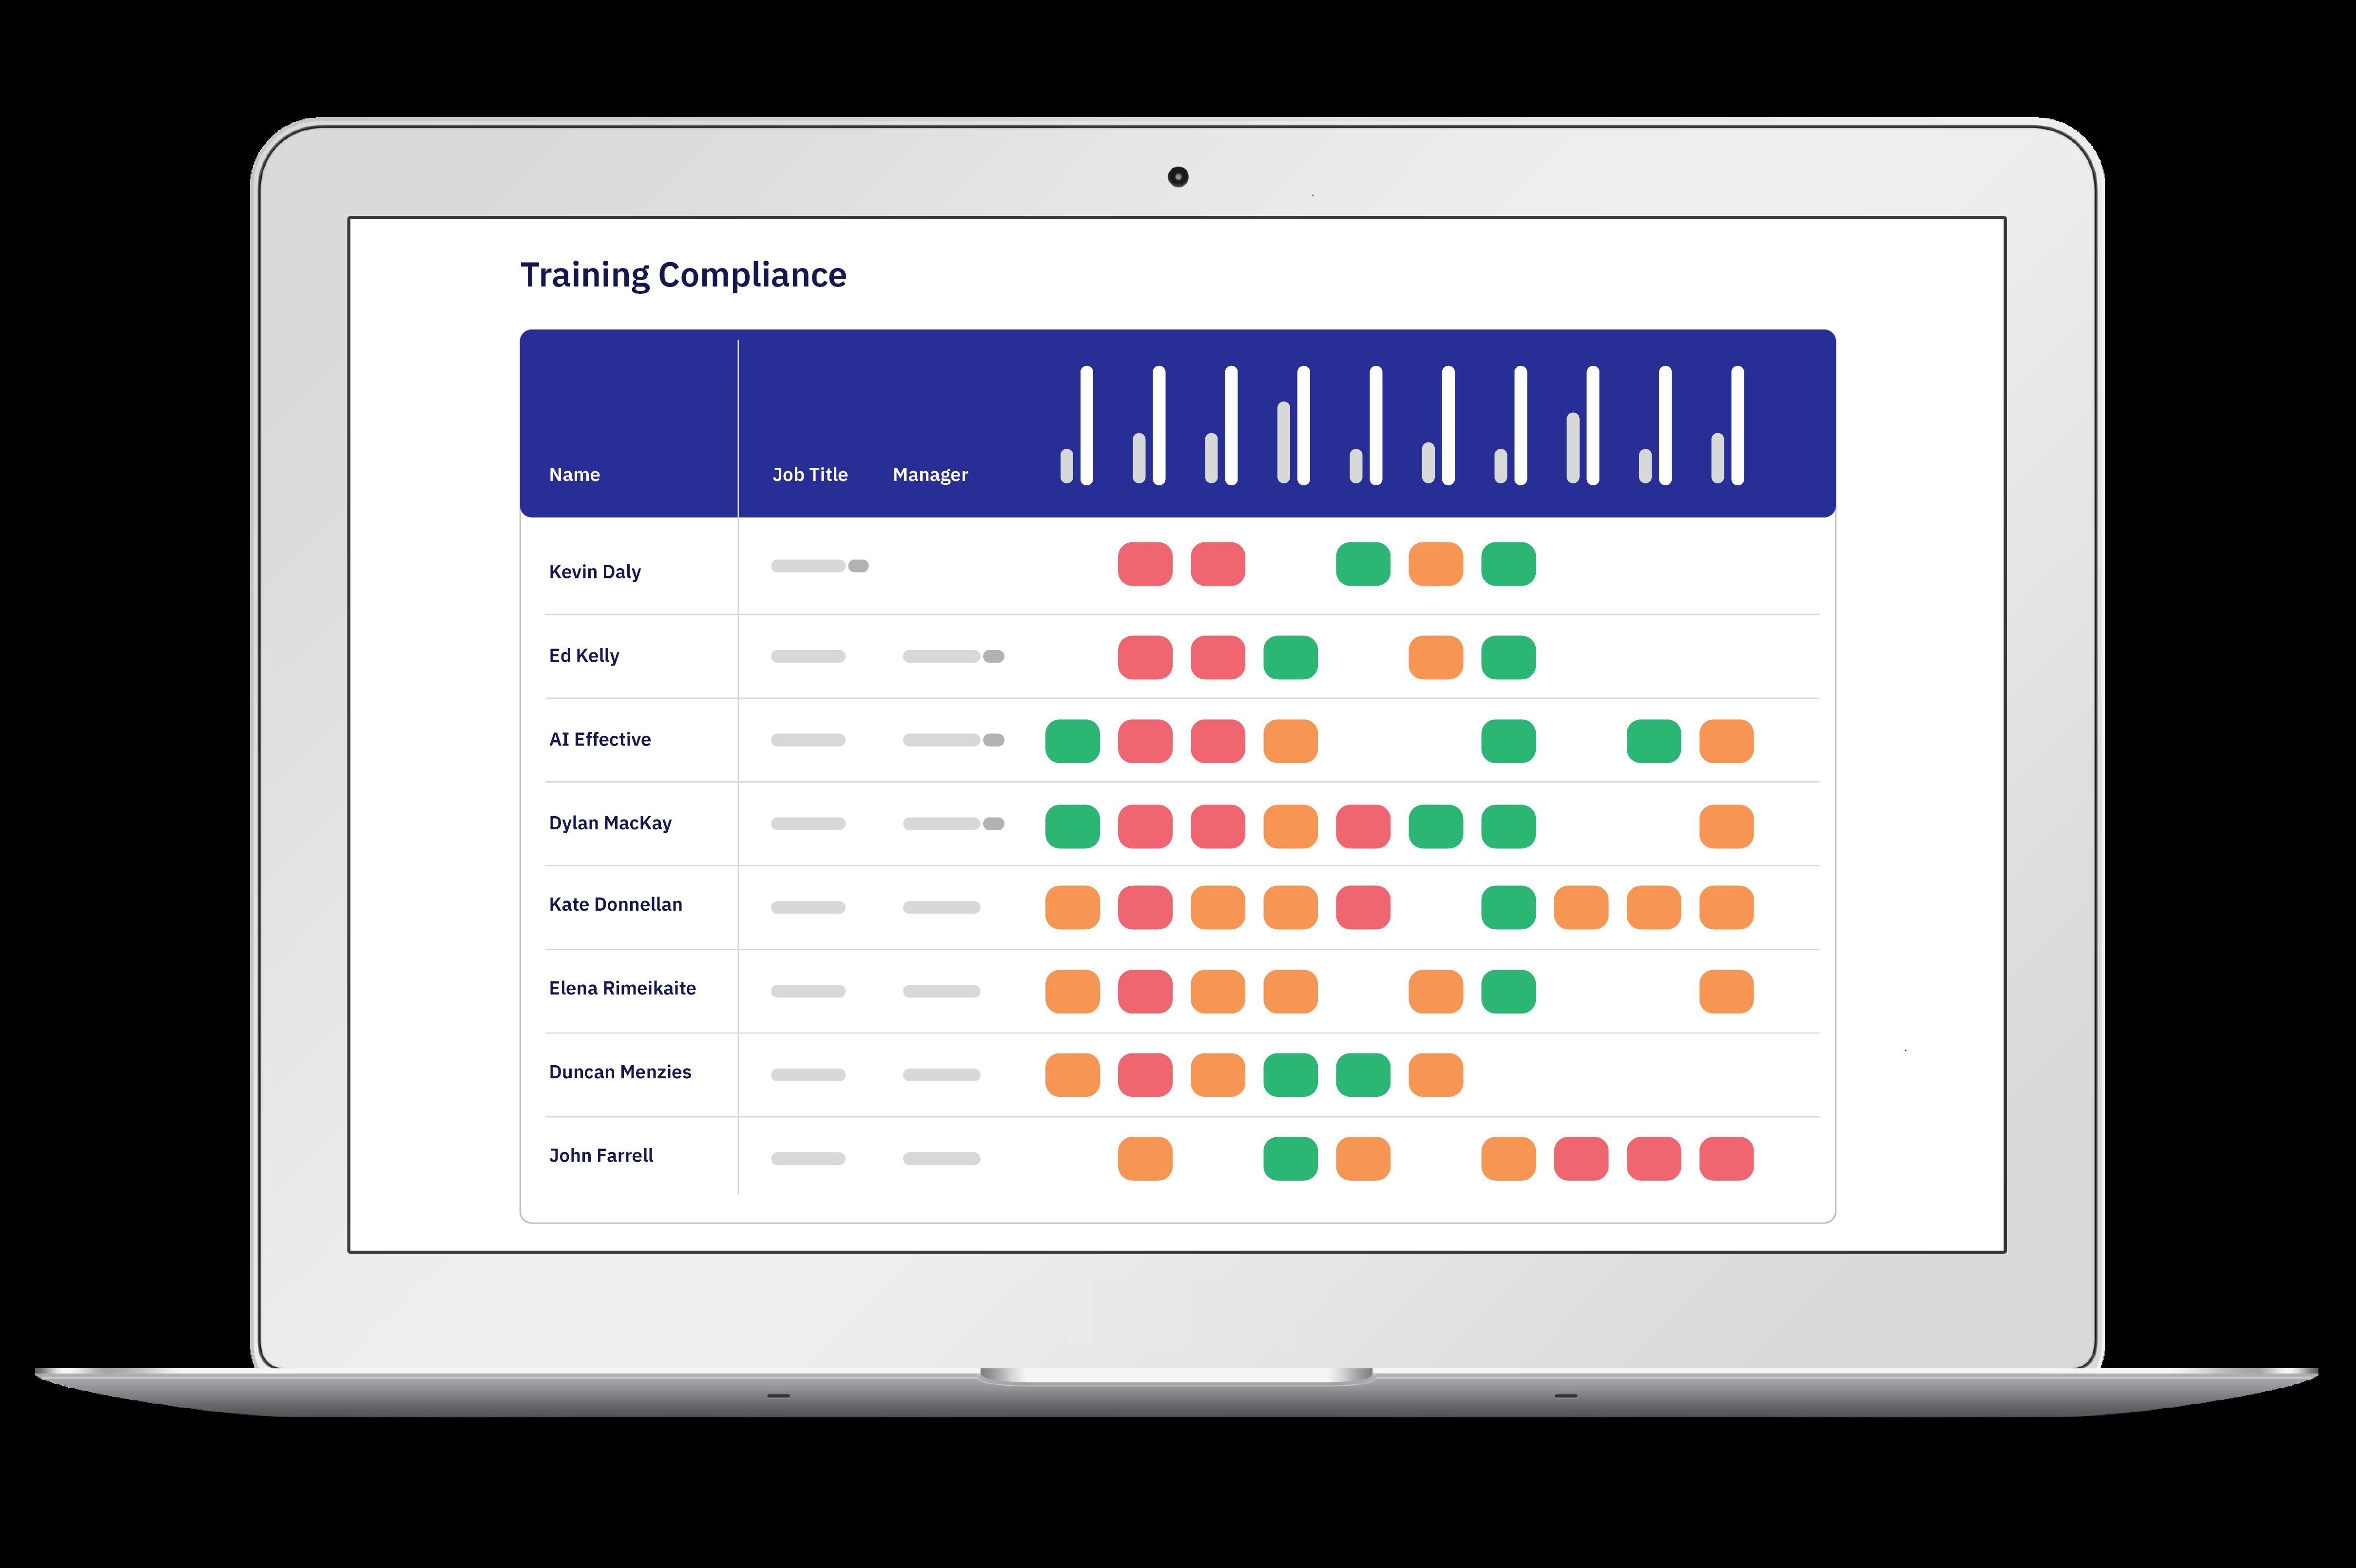 Engage EHS Training Imagery_Training Matrix (In-frame)